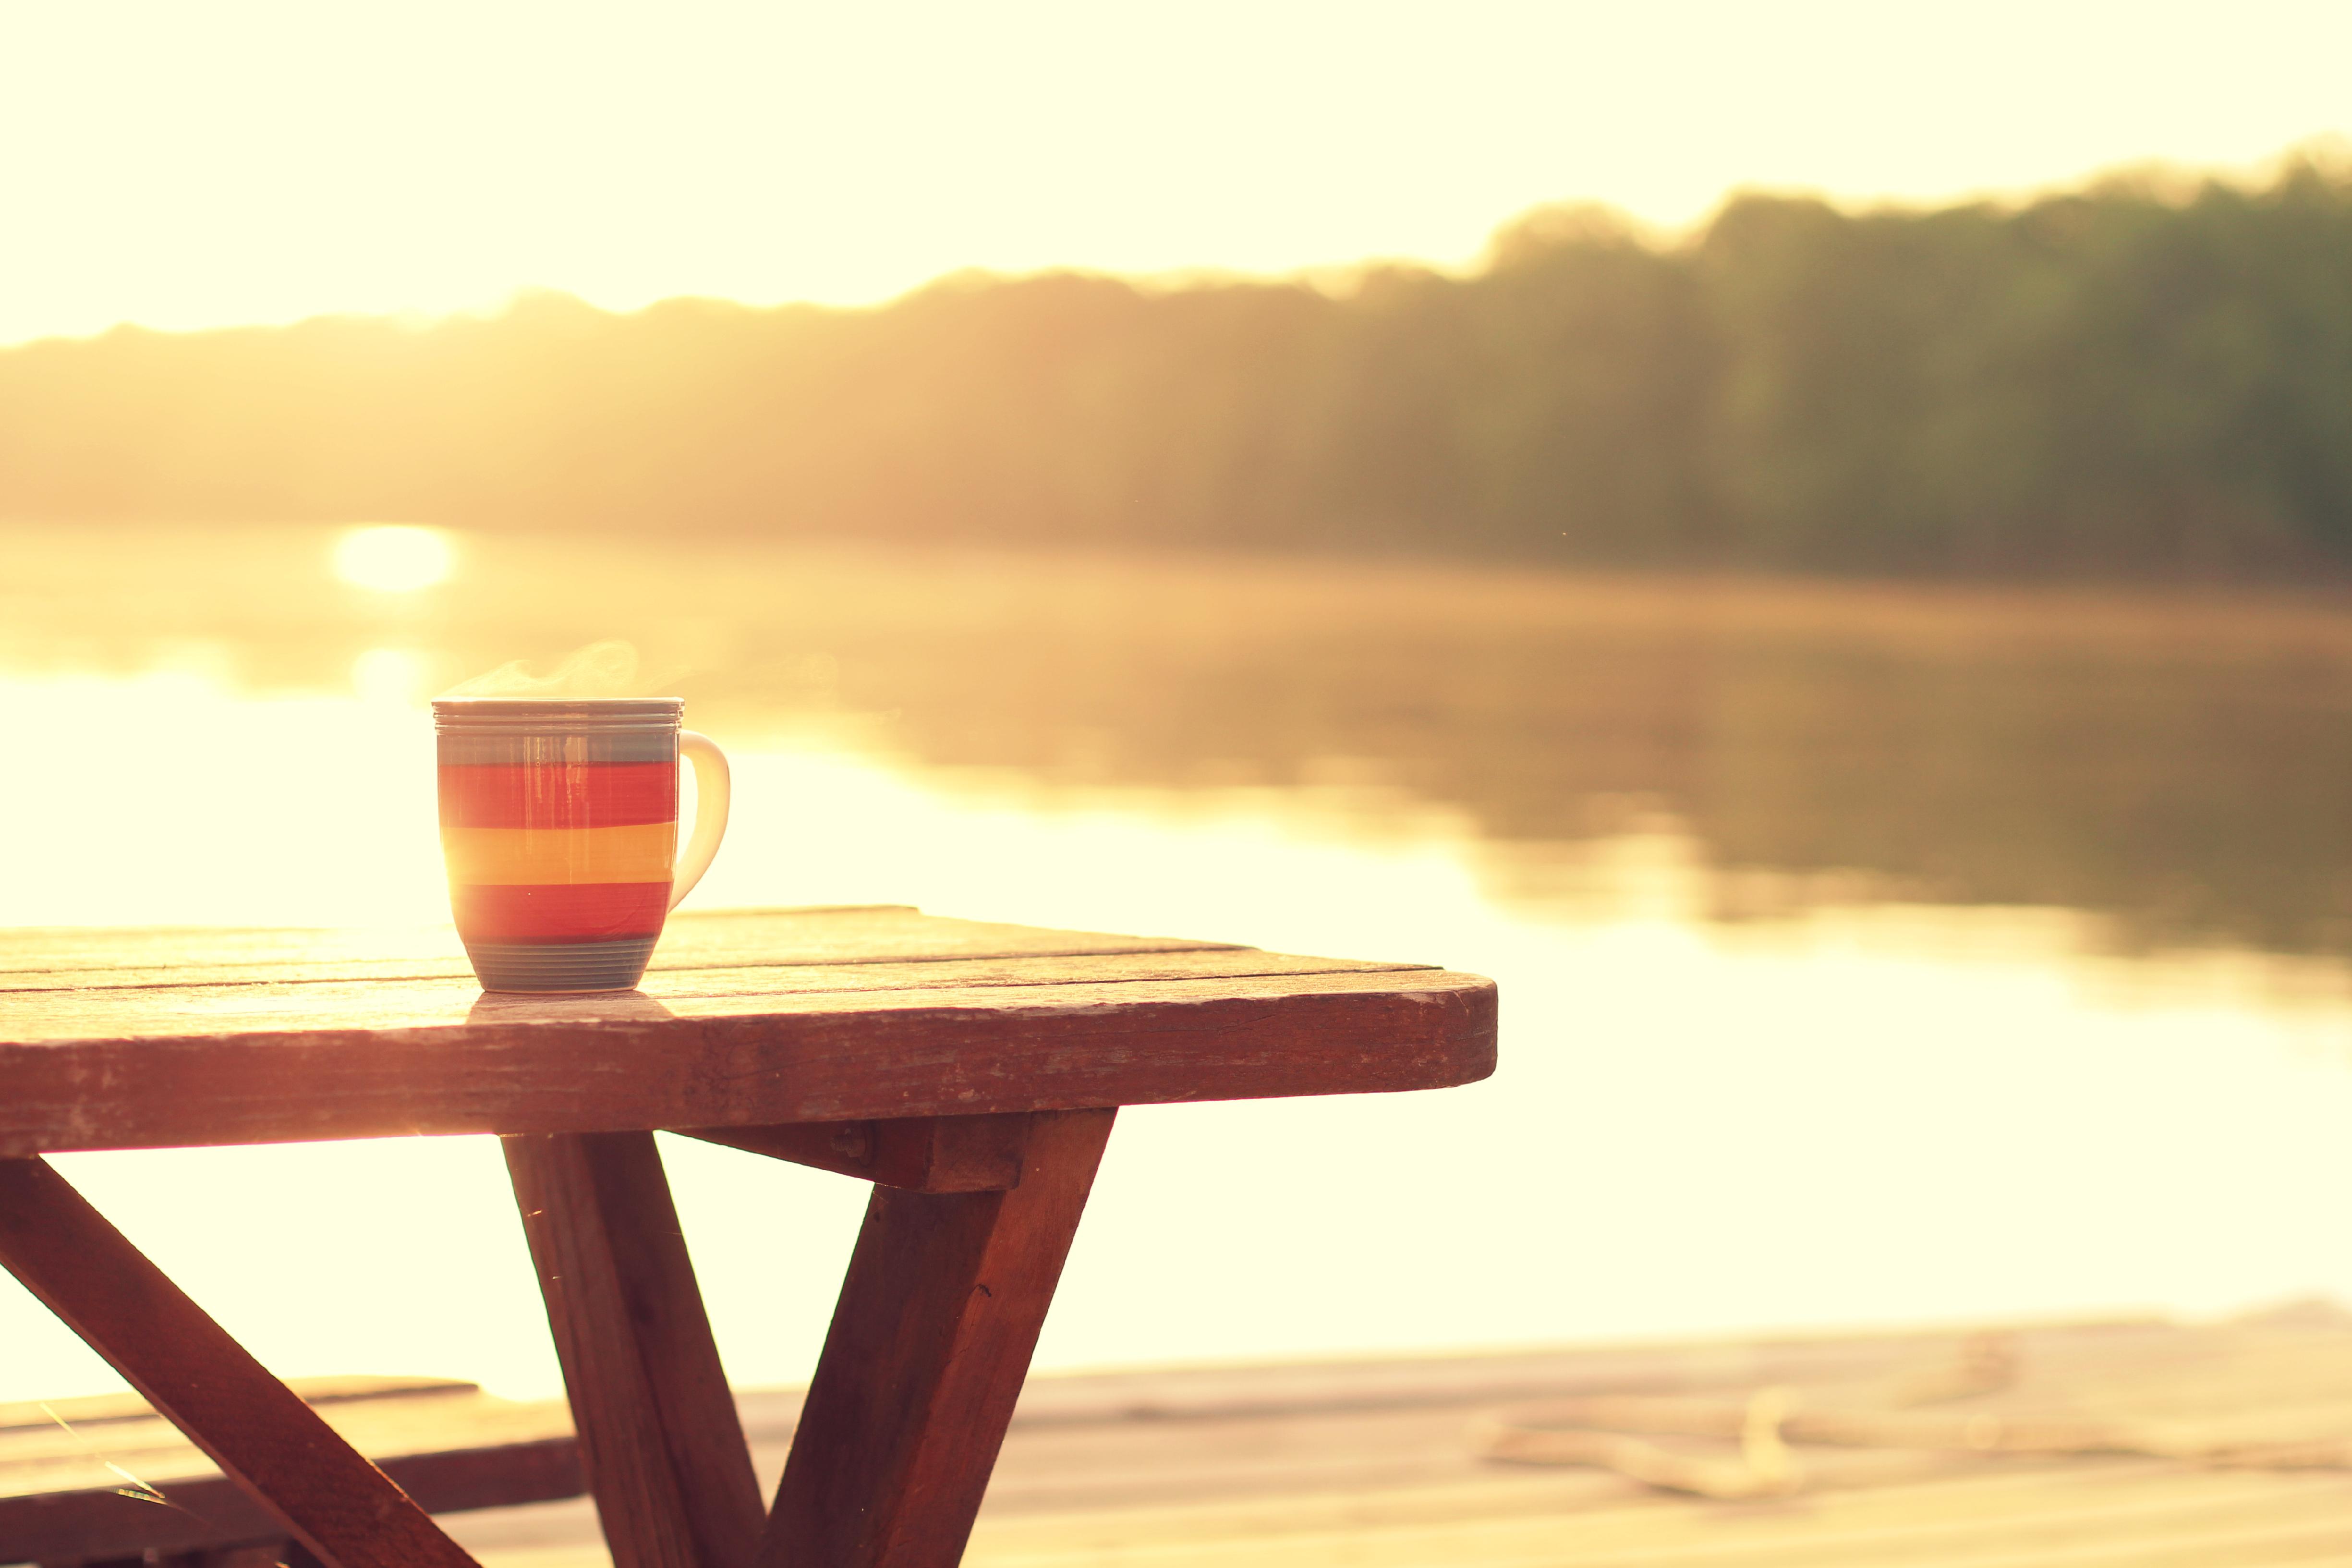 Картинки домиков, восход солнца картинки красивые с кофе